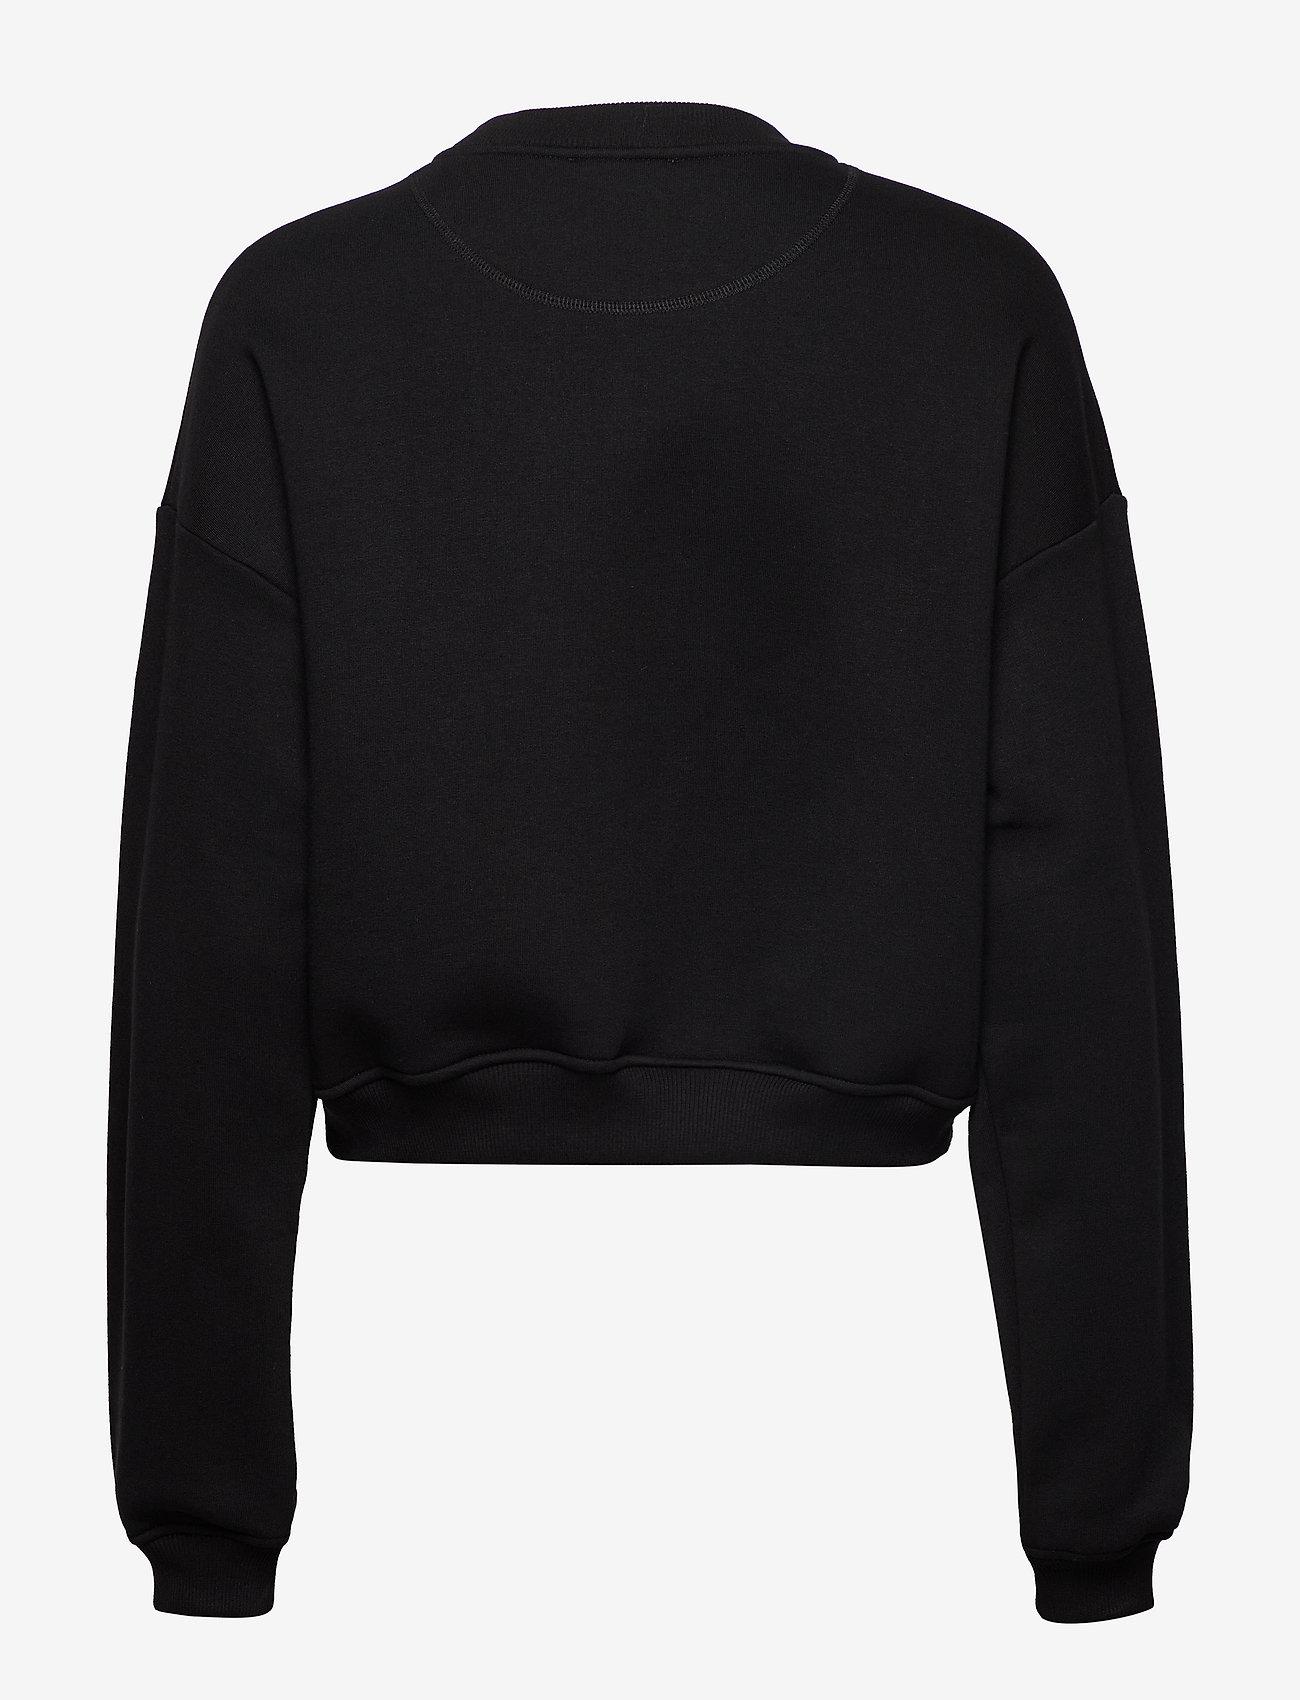 RODEBJER - RODEBJER KOLOMAN - sweatshirts & hættetrøjer - black - 1